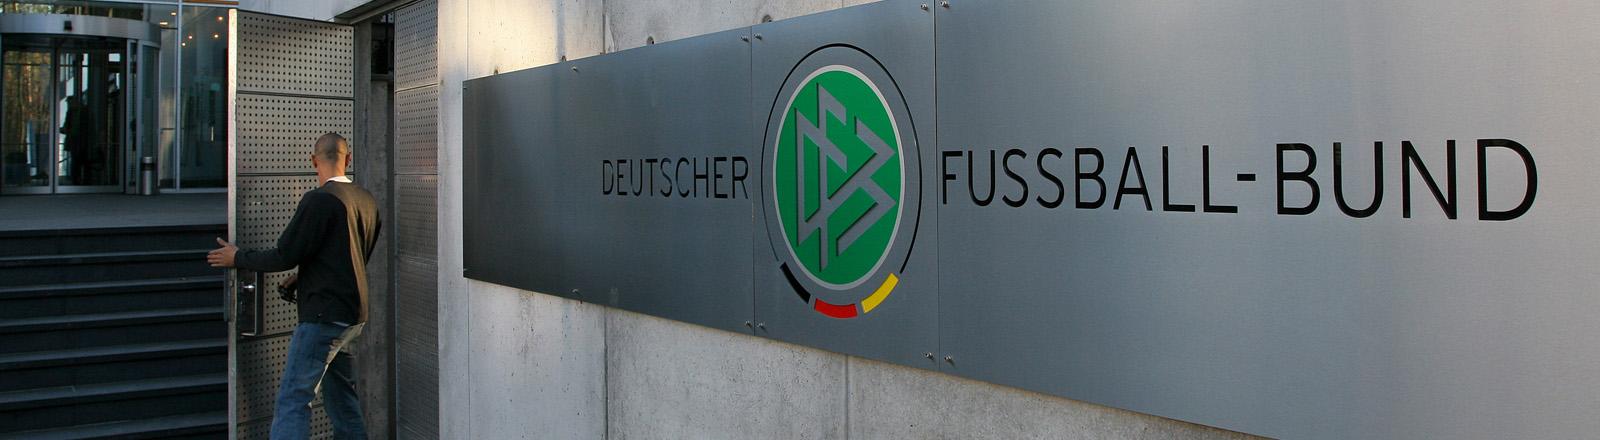 Die DFB-Zentrale in Frankfurt am Main, aufgenommen am 23.01.2006.